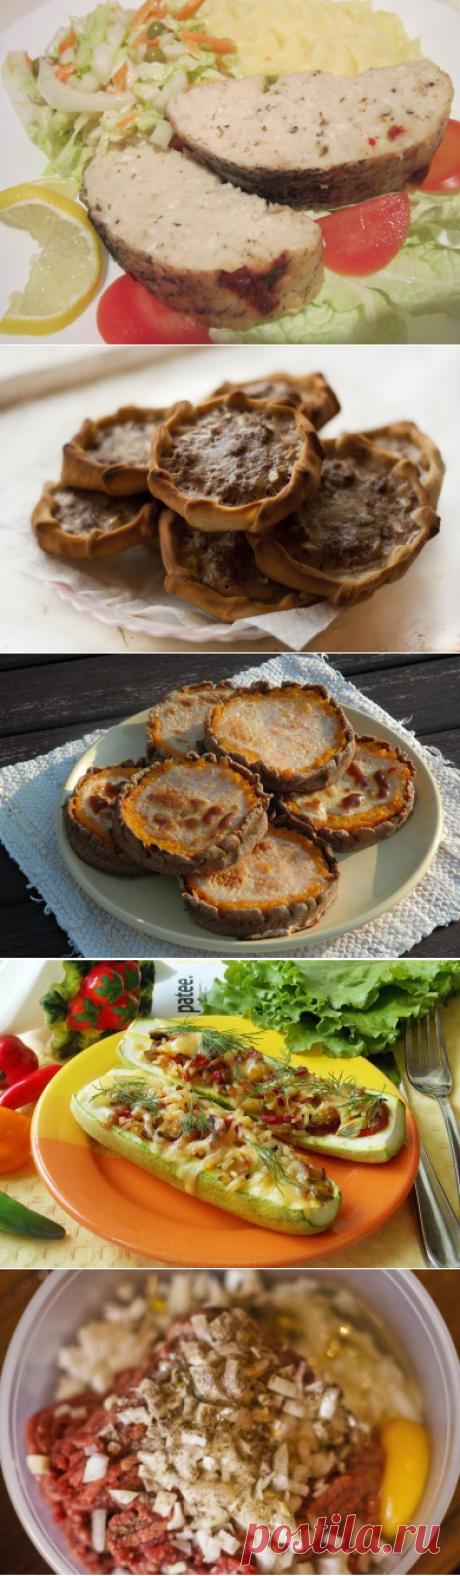 Удмуртская кухня: кулинария России